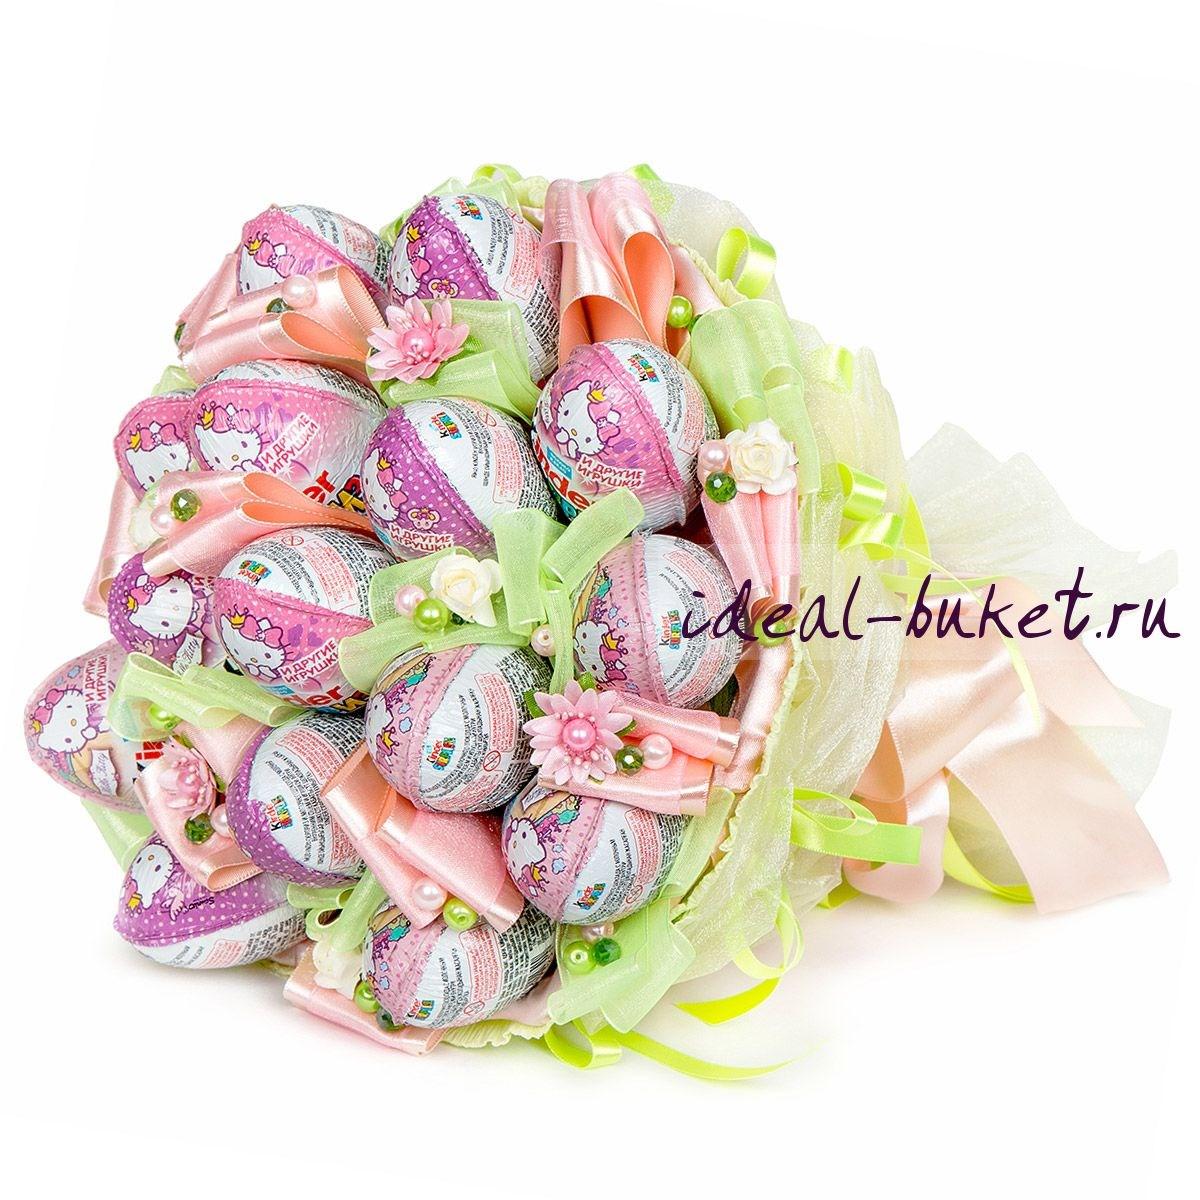 Мини-букет конфет Киндер-мания